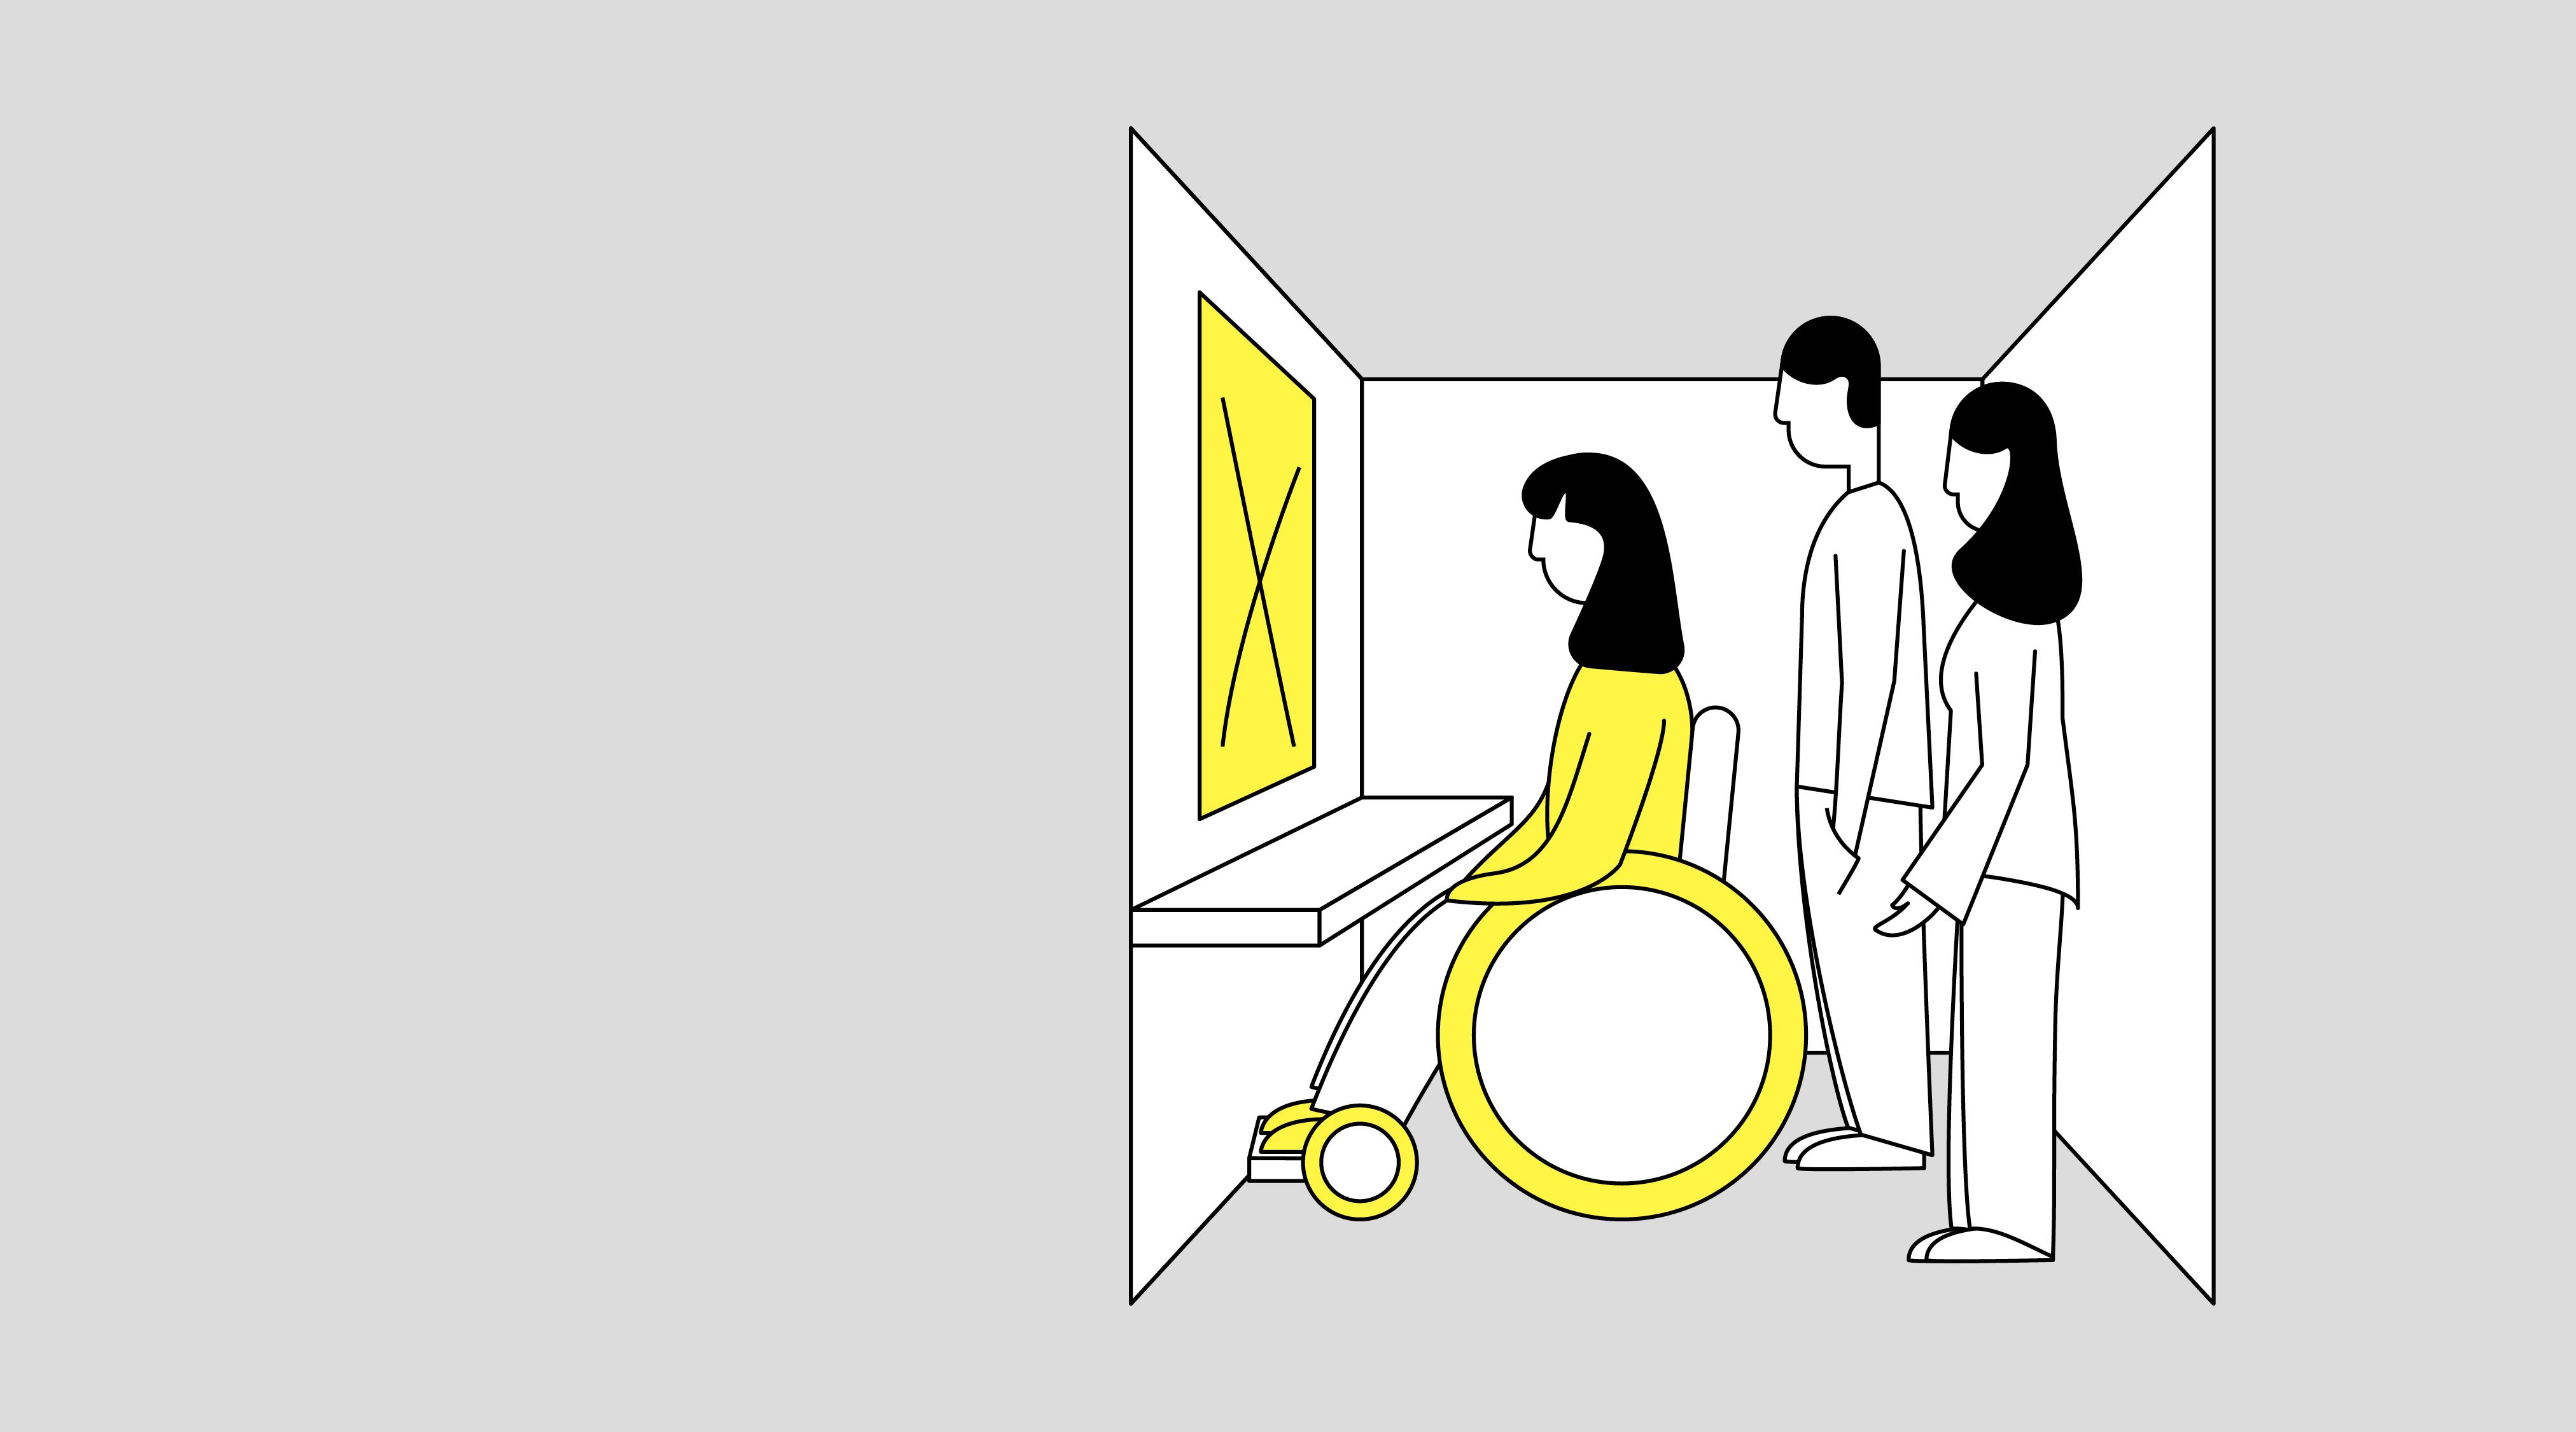 Illustration af kvindelig kørestolsbruger i stemmeboks. Foran hende er et bord, og der hænger en gul seddel på væggen med et stort kryds. Bagved hende står en mand og en kvinde.